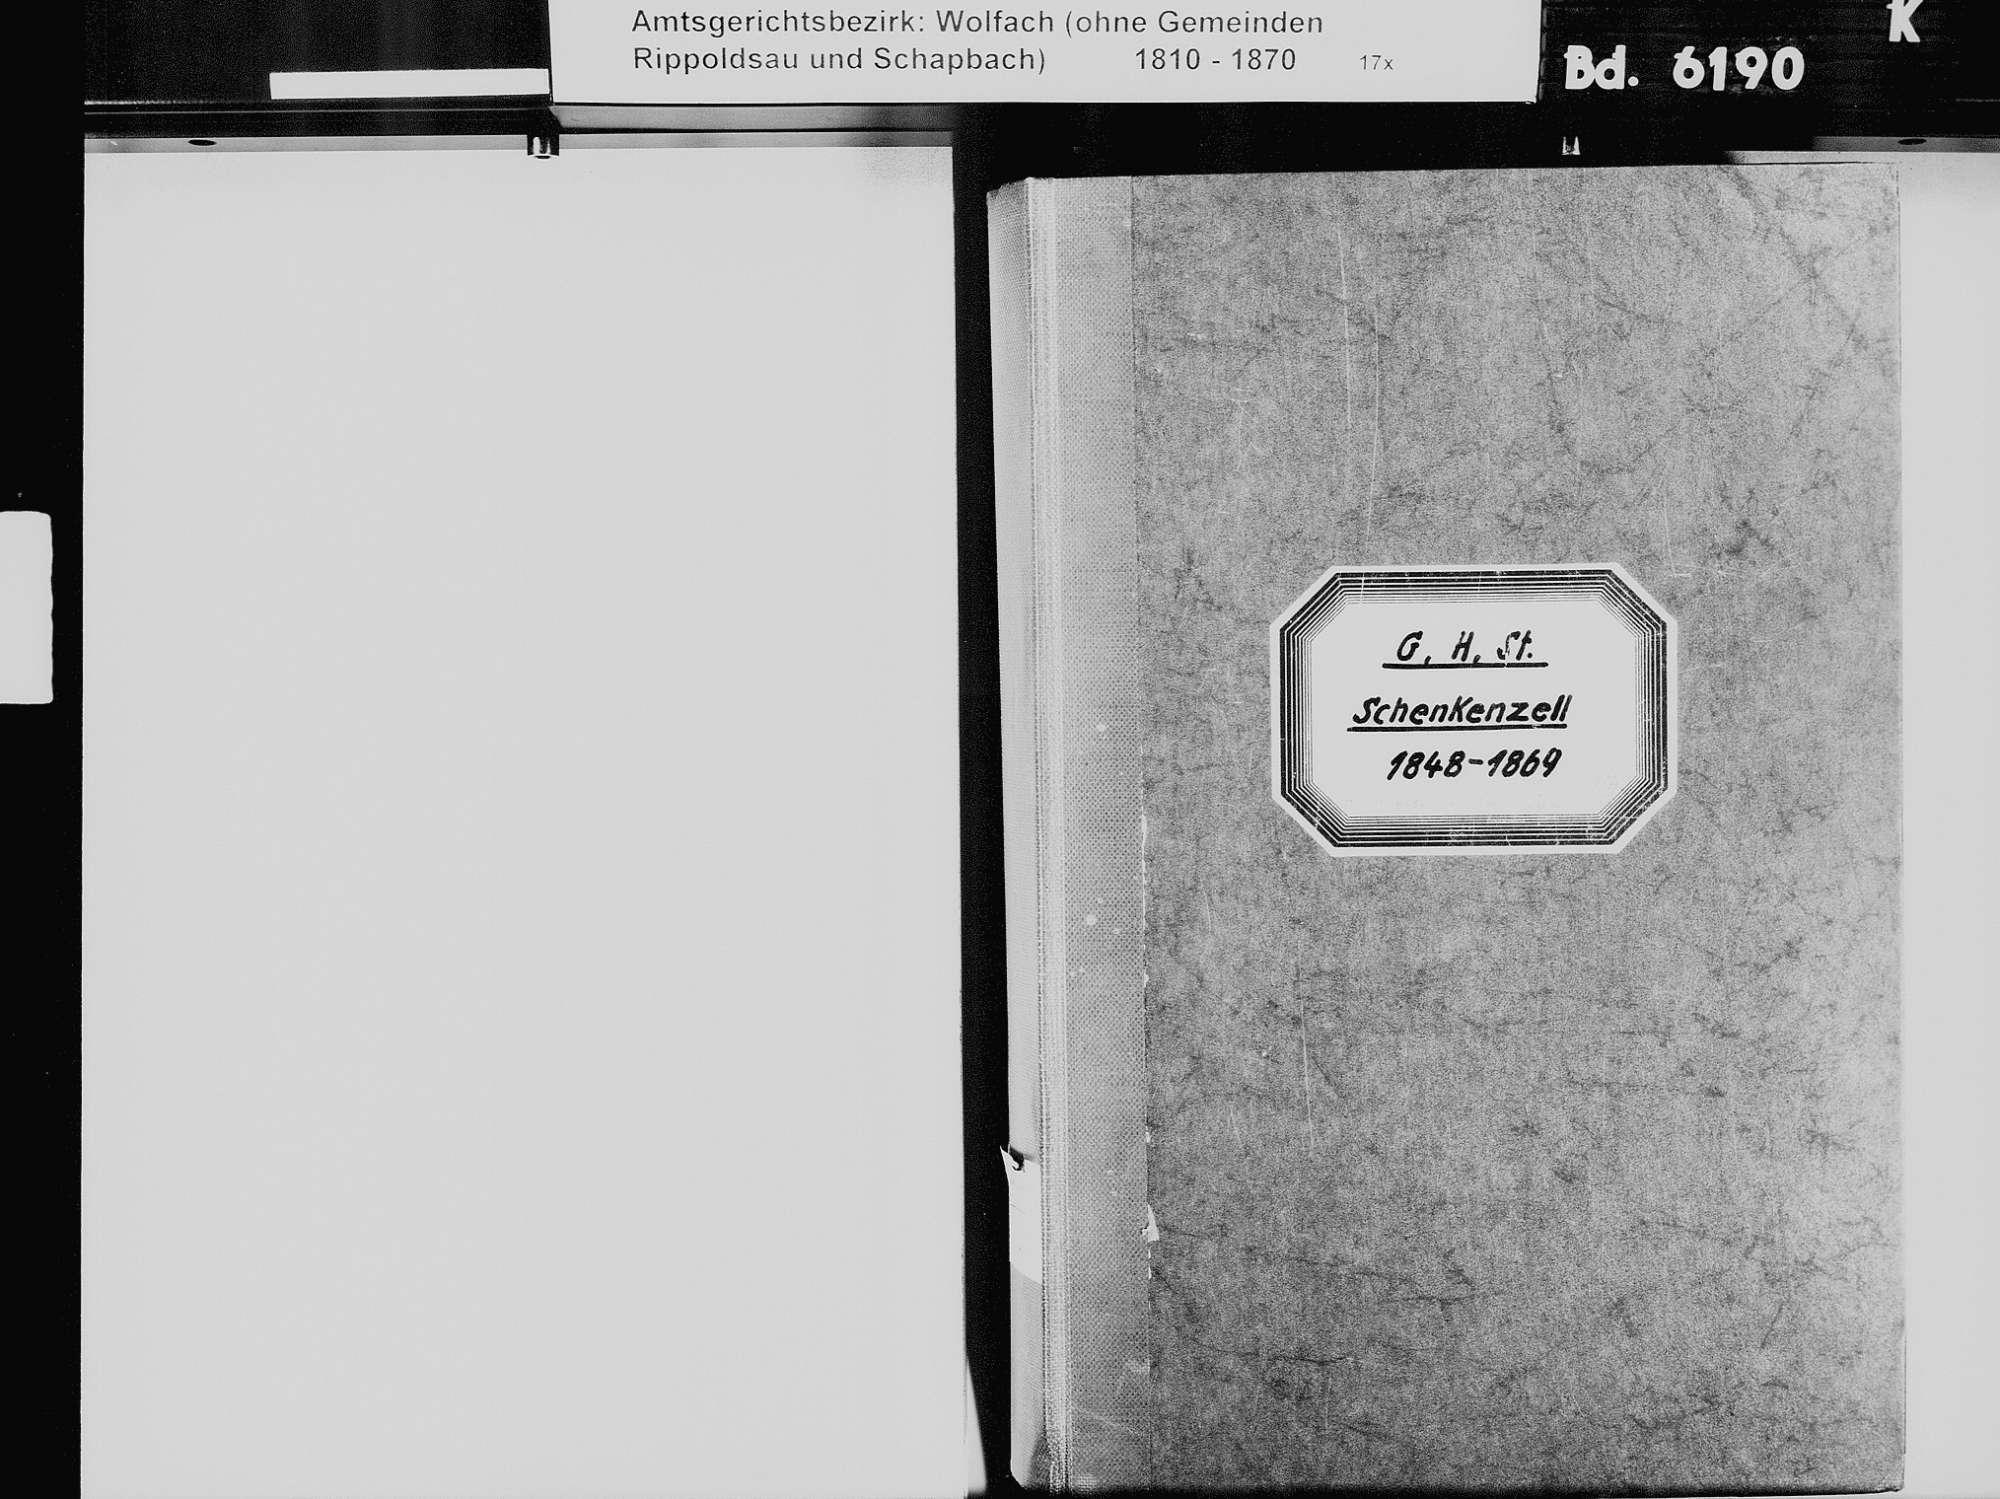 Schenkenzell RW; Katholische Gemeinde: Standesbuch 1848-1869, Bild 3